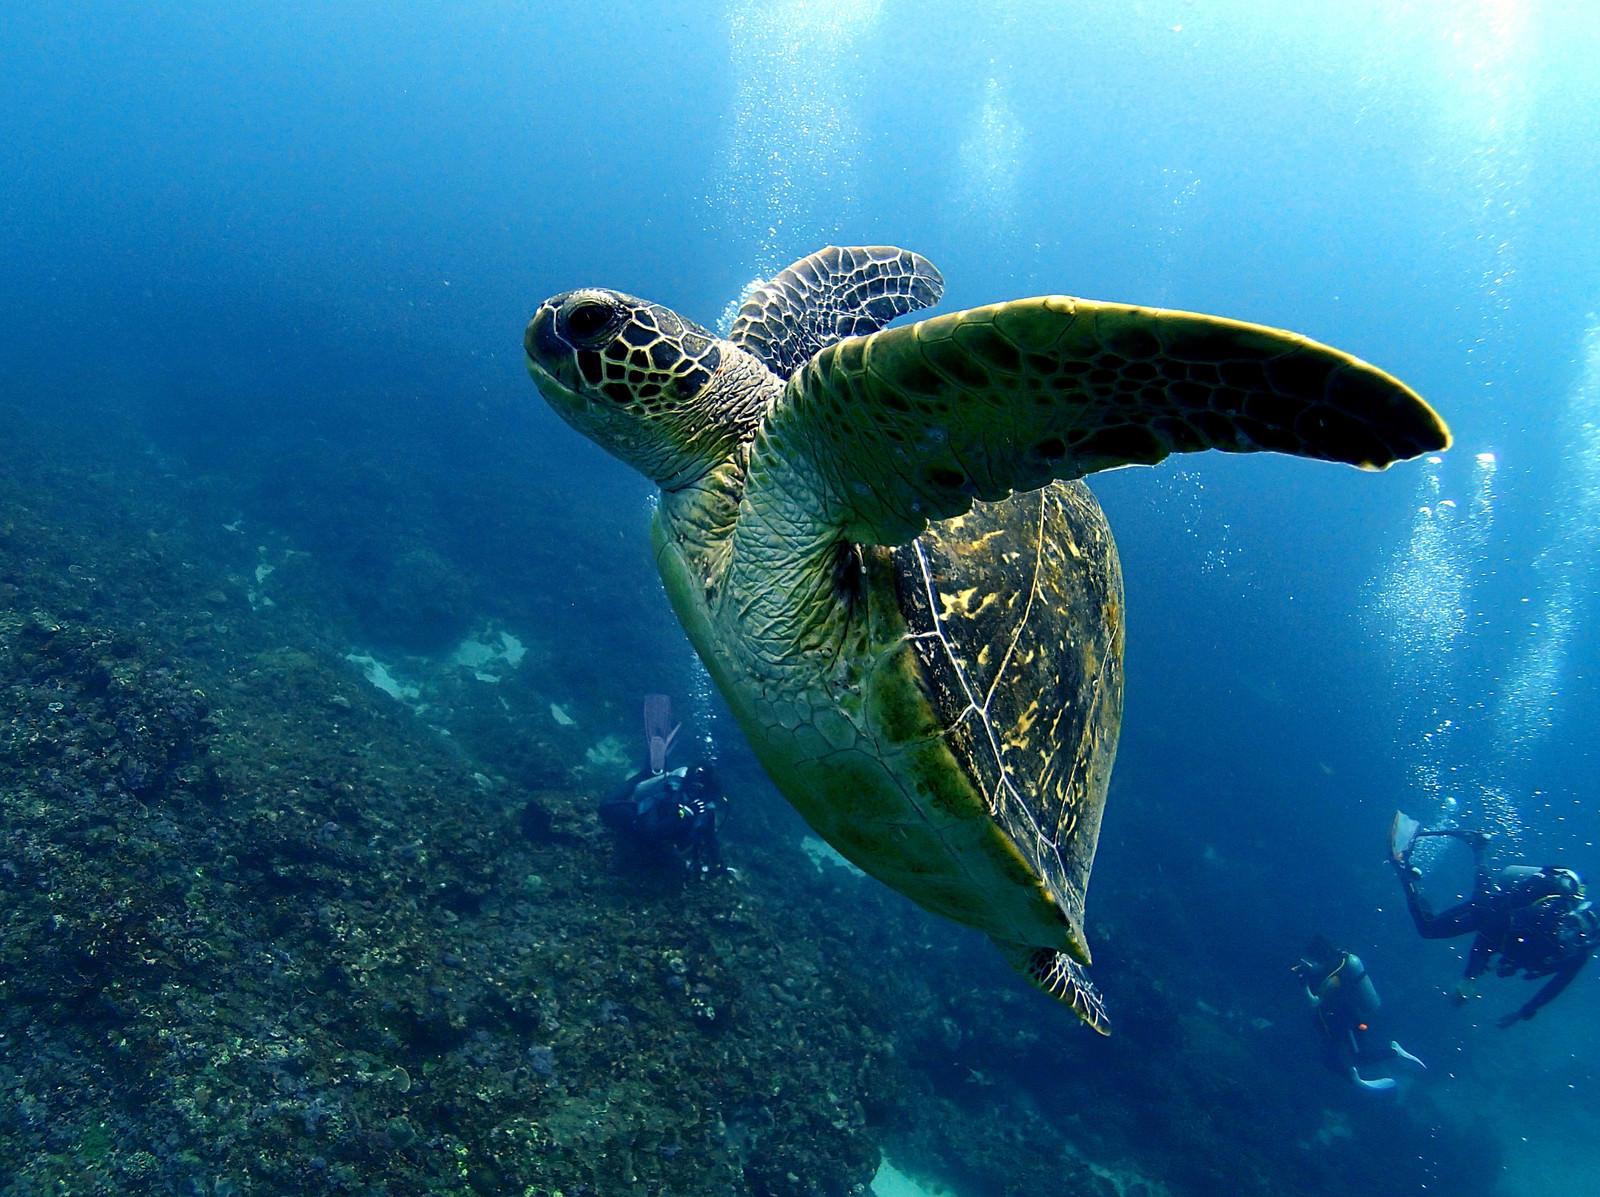 「優雅に泳ぐウミガメとダイバー」の写真